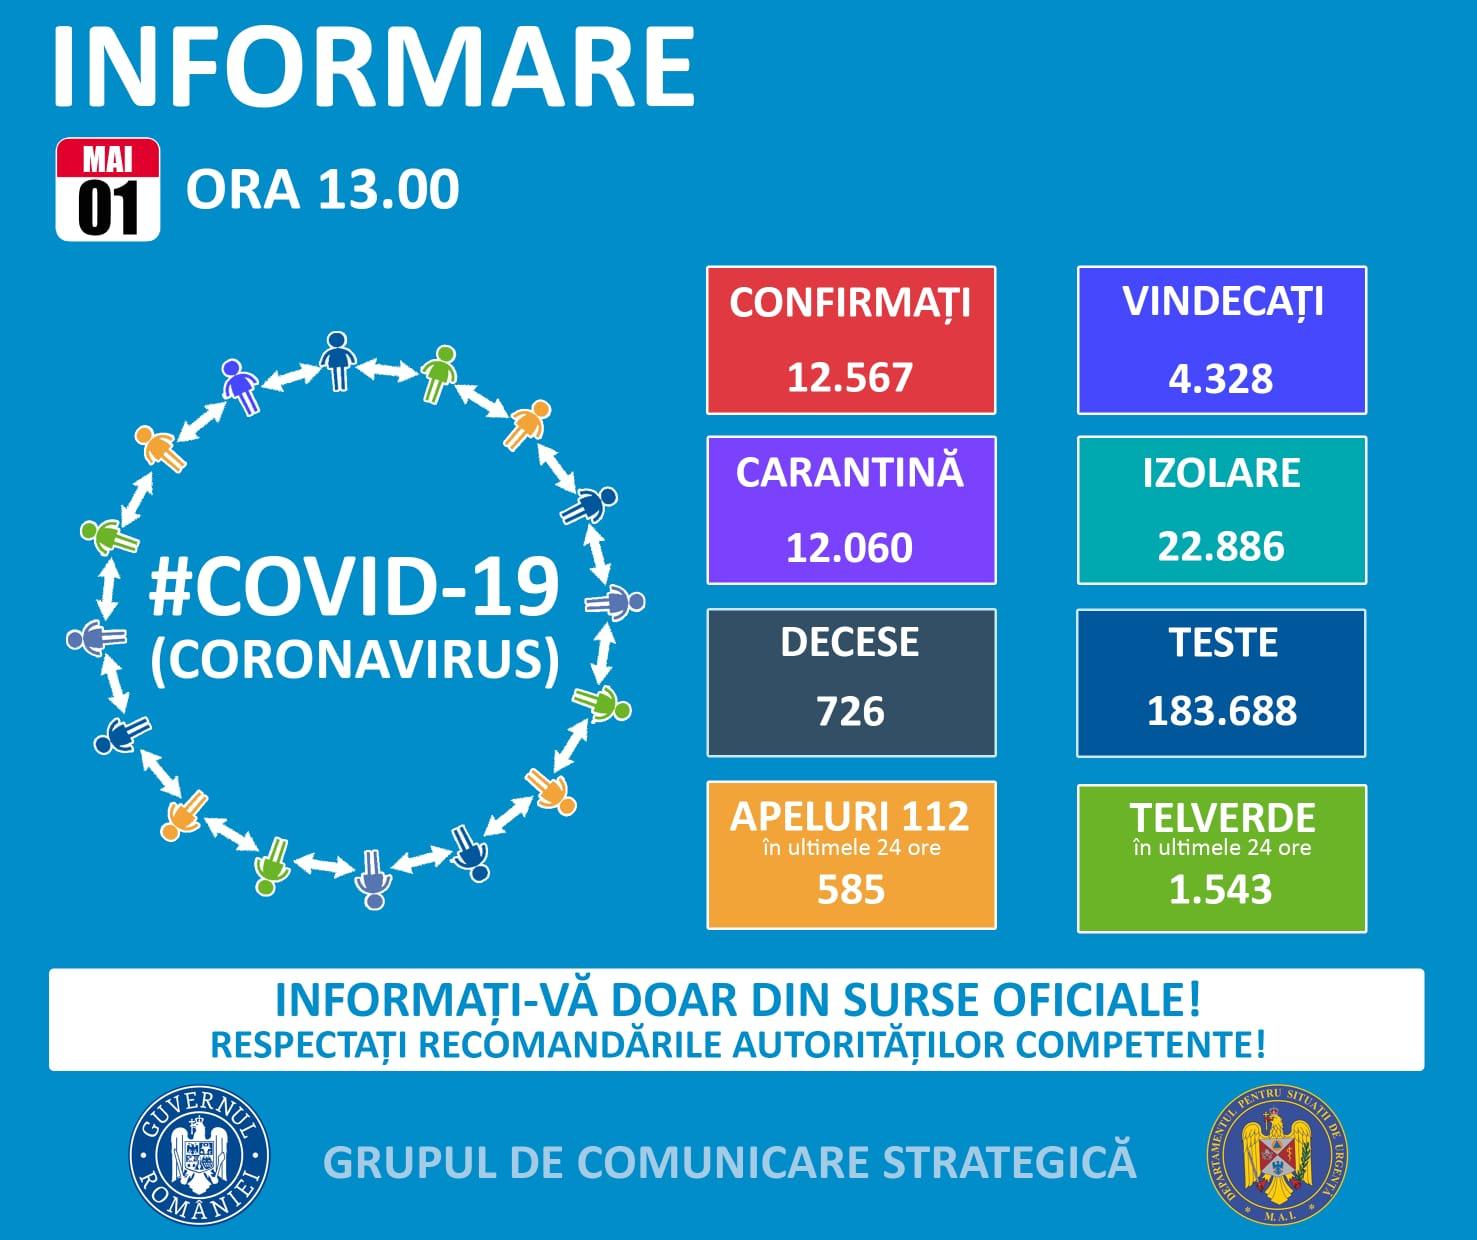 2.859 de cazuri confirmate cu COVID-19 în județul Suceava